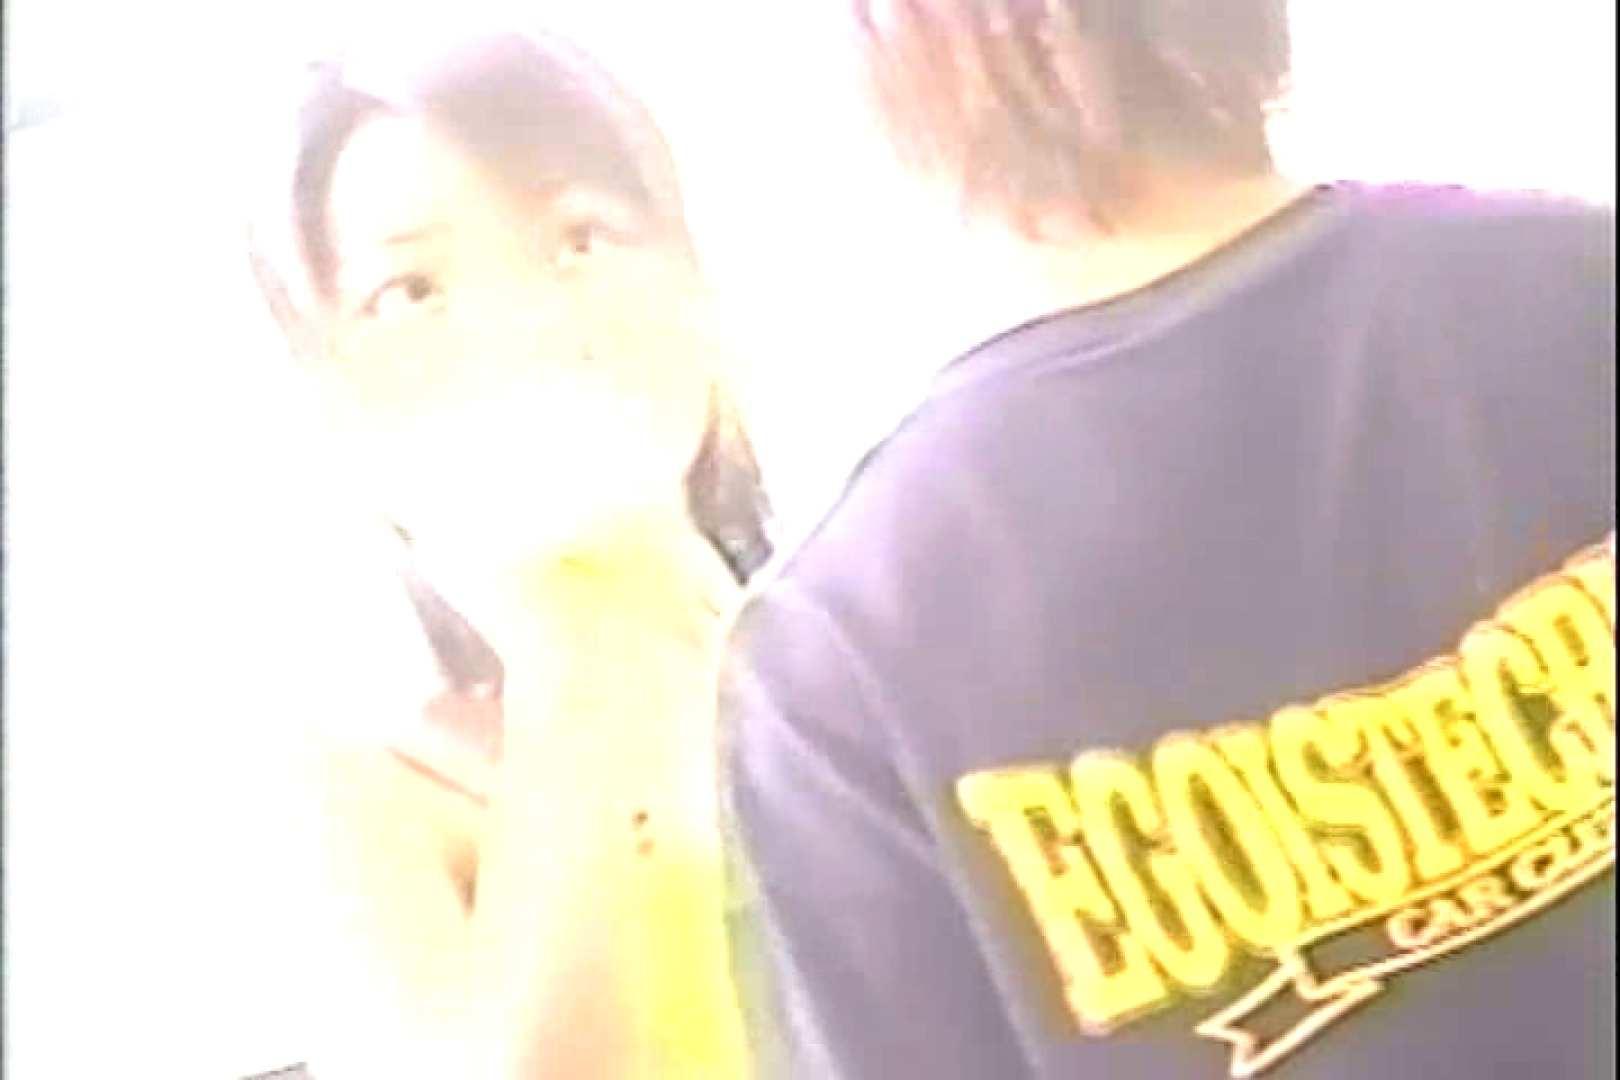 「ちくりん」さんのオリジナル未編集パンチラVol.3_01 レースクイーン  62枚 4